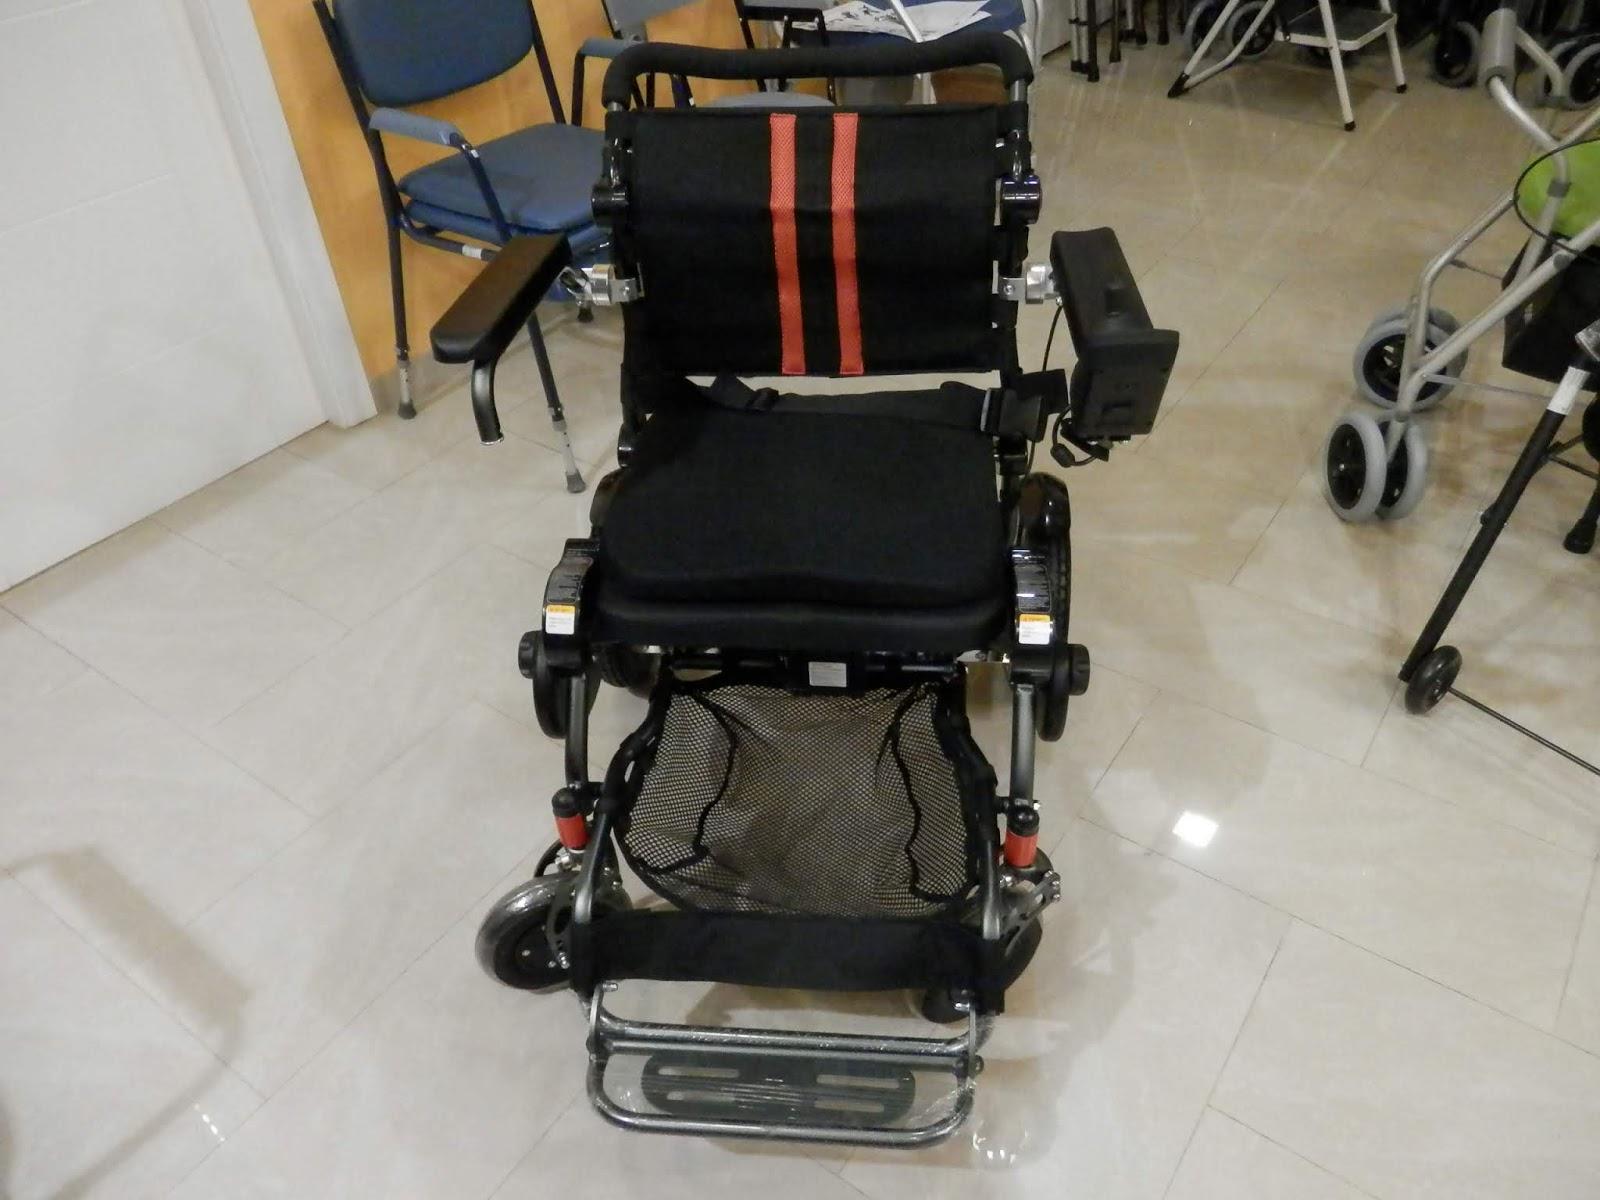 Ortopedia Explorer 3 De I Ruedas Silla Electrica Plegable Xl R4AjL35q